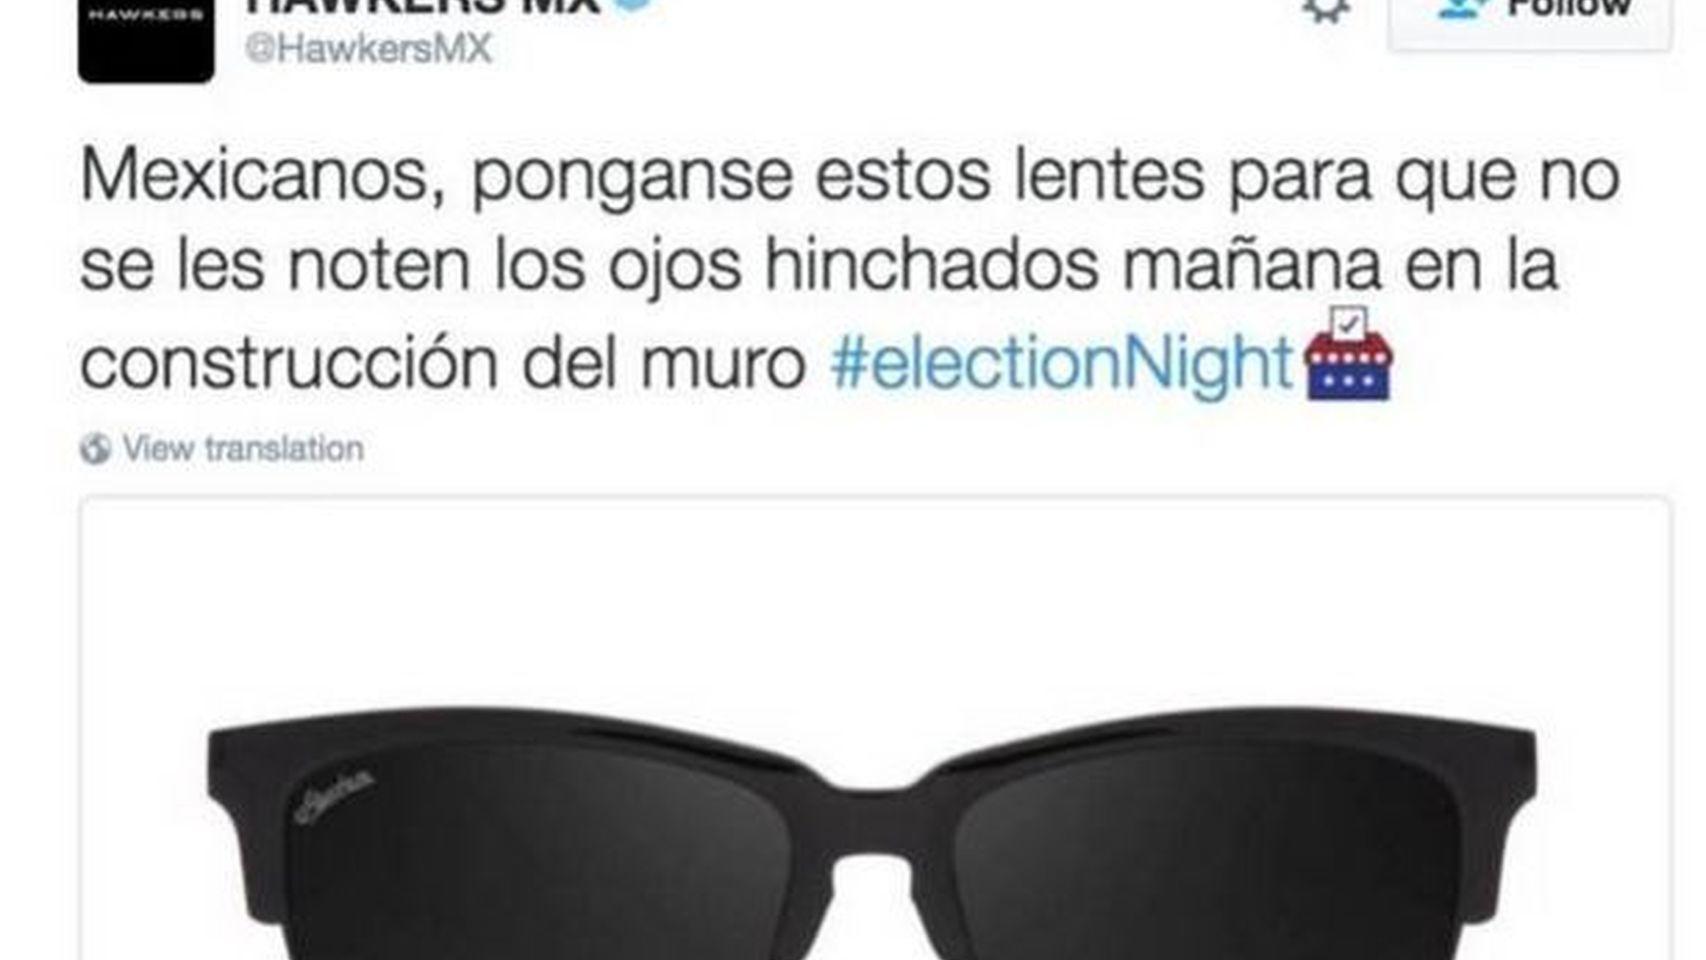 Tuit de Hawkers sobre Trump y el muro de México.